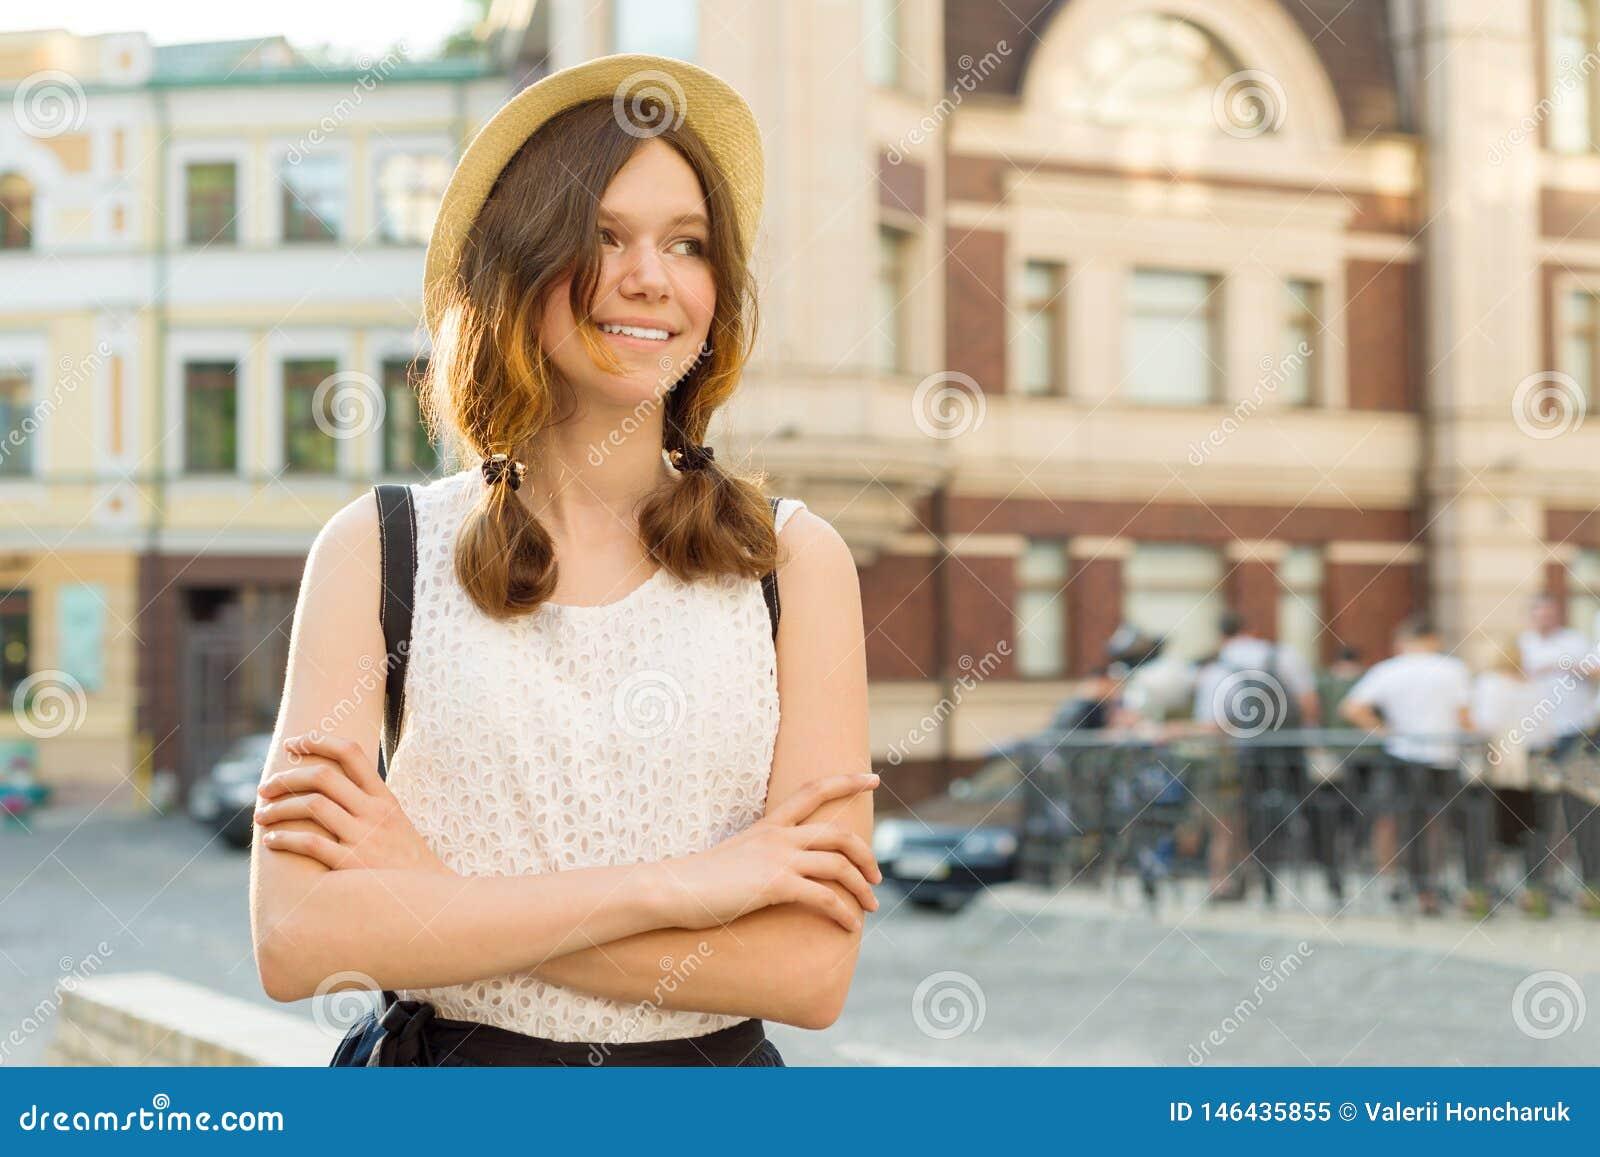 微笑的美丽的少年女孩13,戴在城市街道上的14岁夏天室外画象帽子,拷贝空间